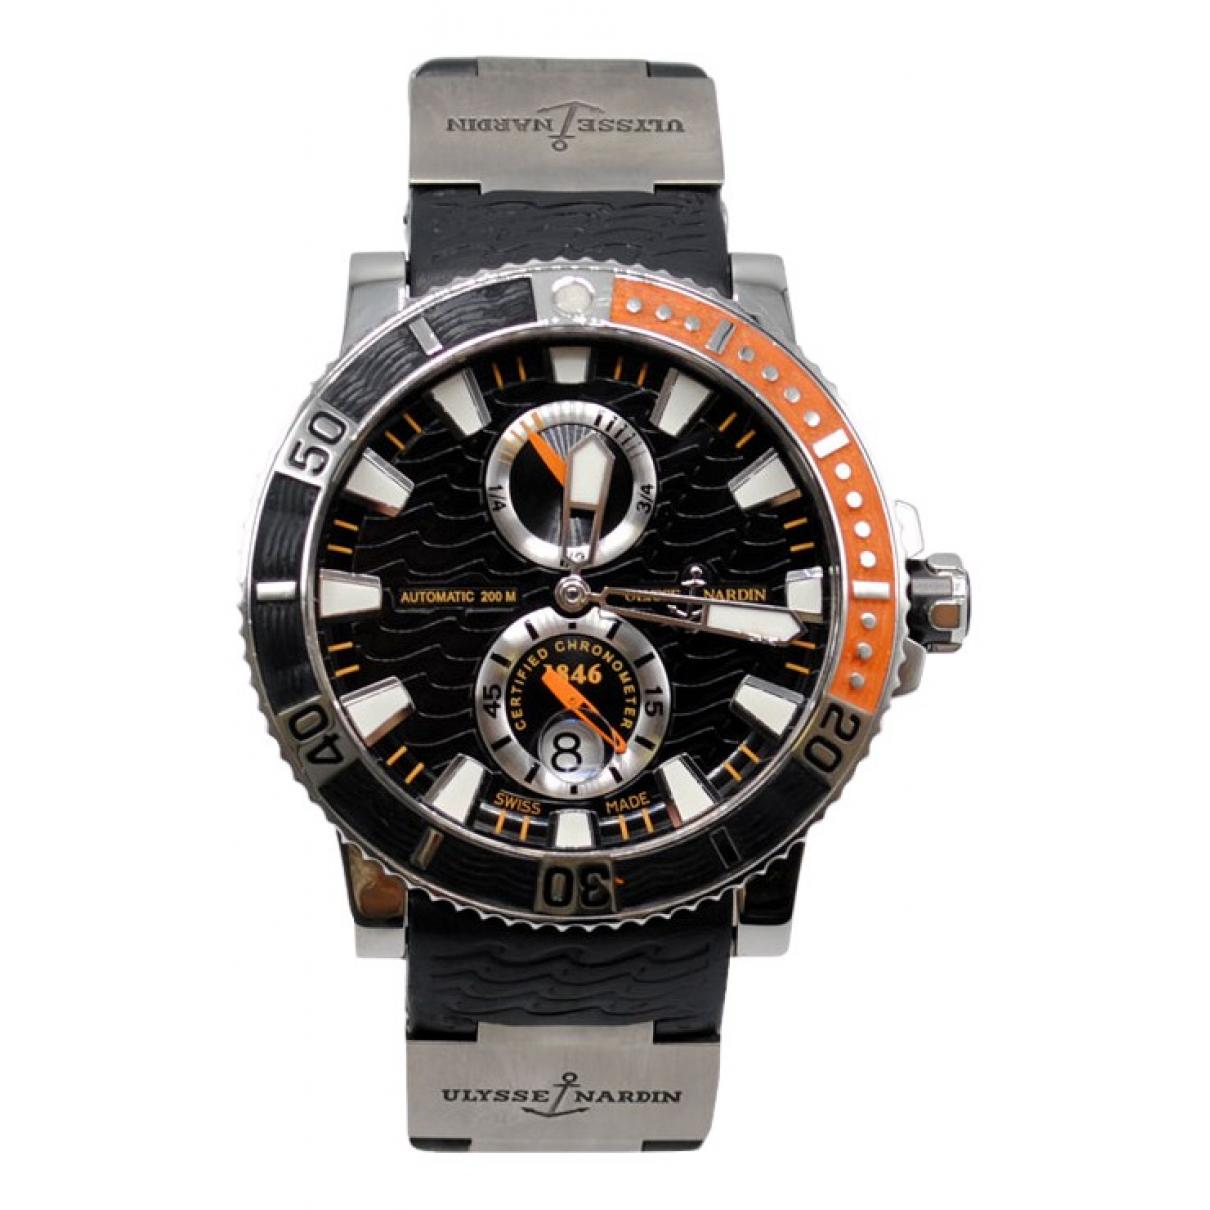 Relojes Marine Chronographe Ulysse Nardin